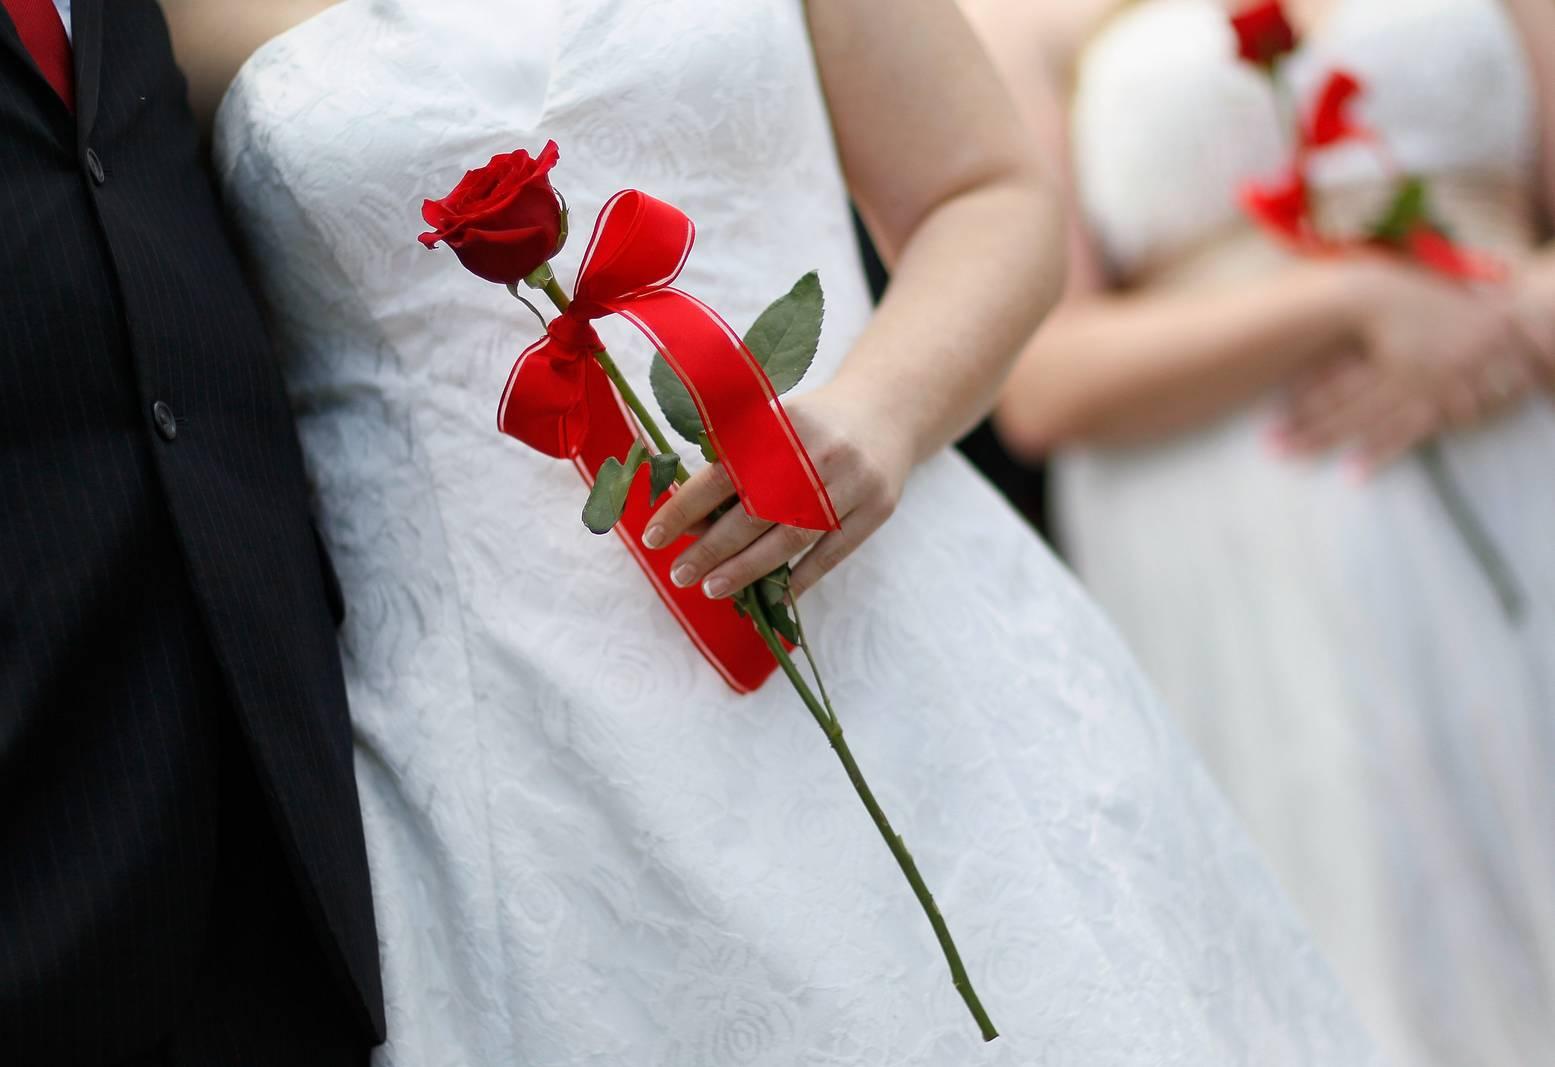 مطالب بسحب مذكرة تمنع على التونسيات الزواج من غير المسلمين